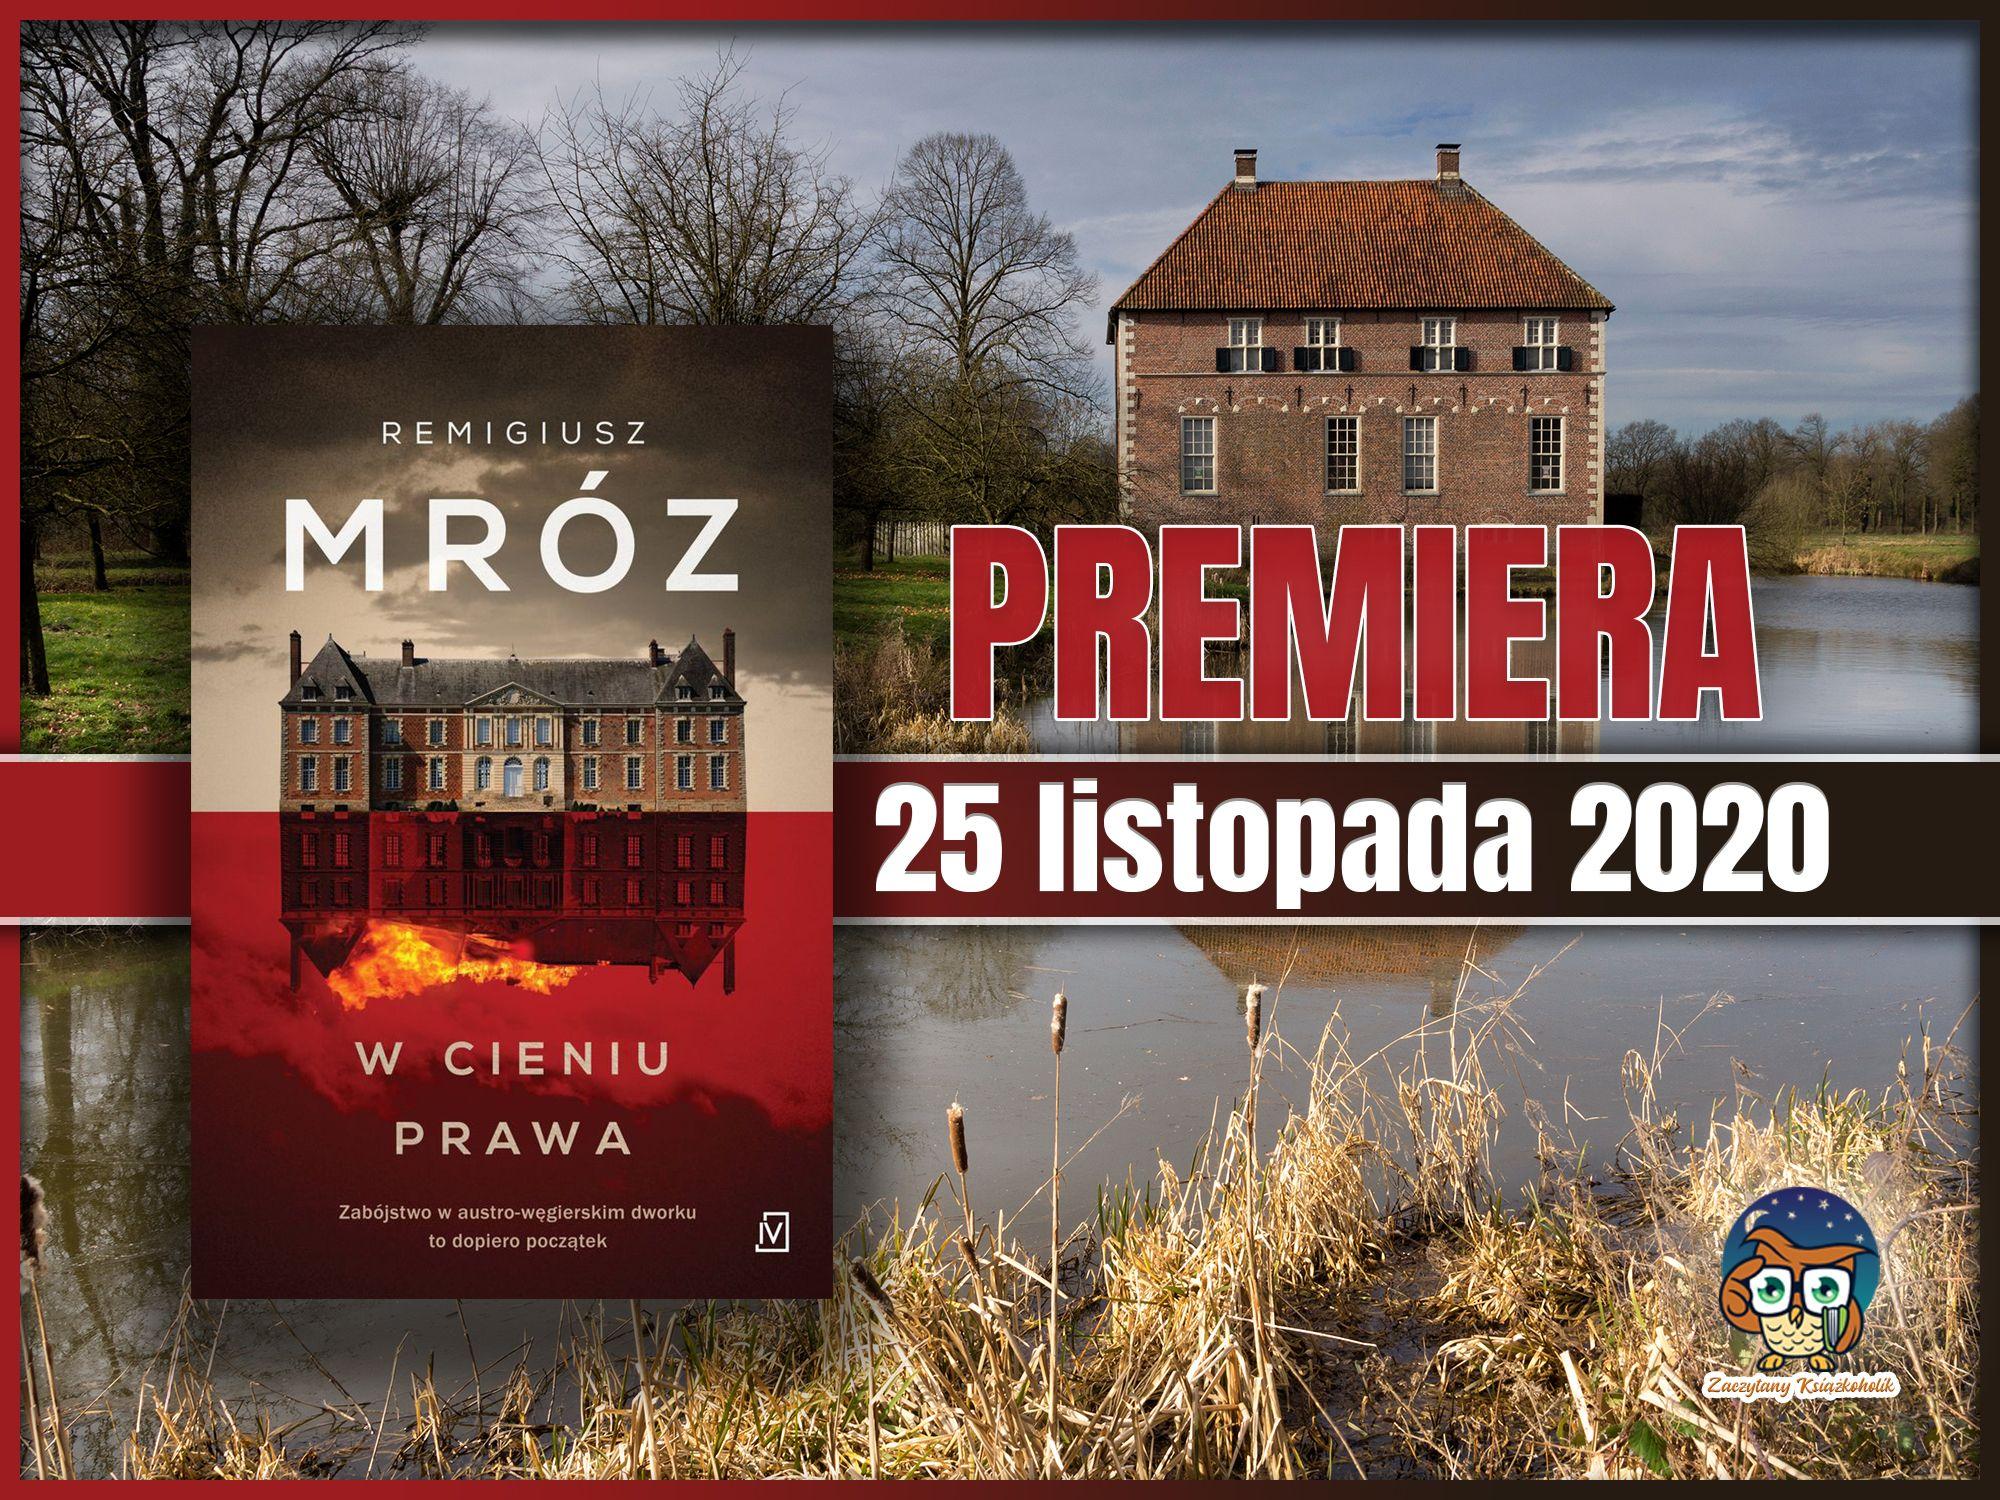 W cieniu prawa, Remigiusz Mróz, zaczytanyksiazkoholik.pl